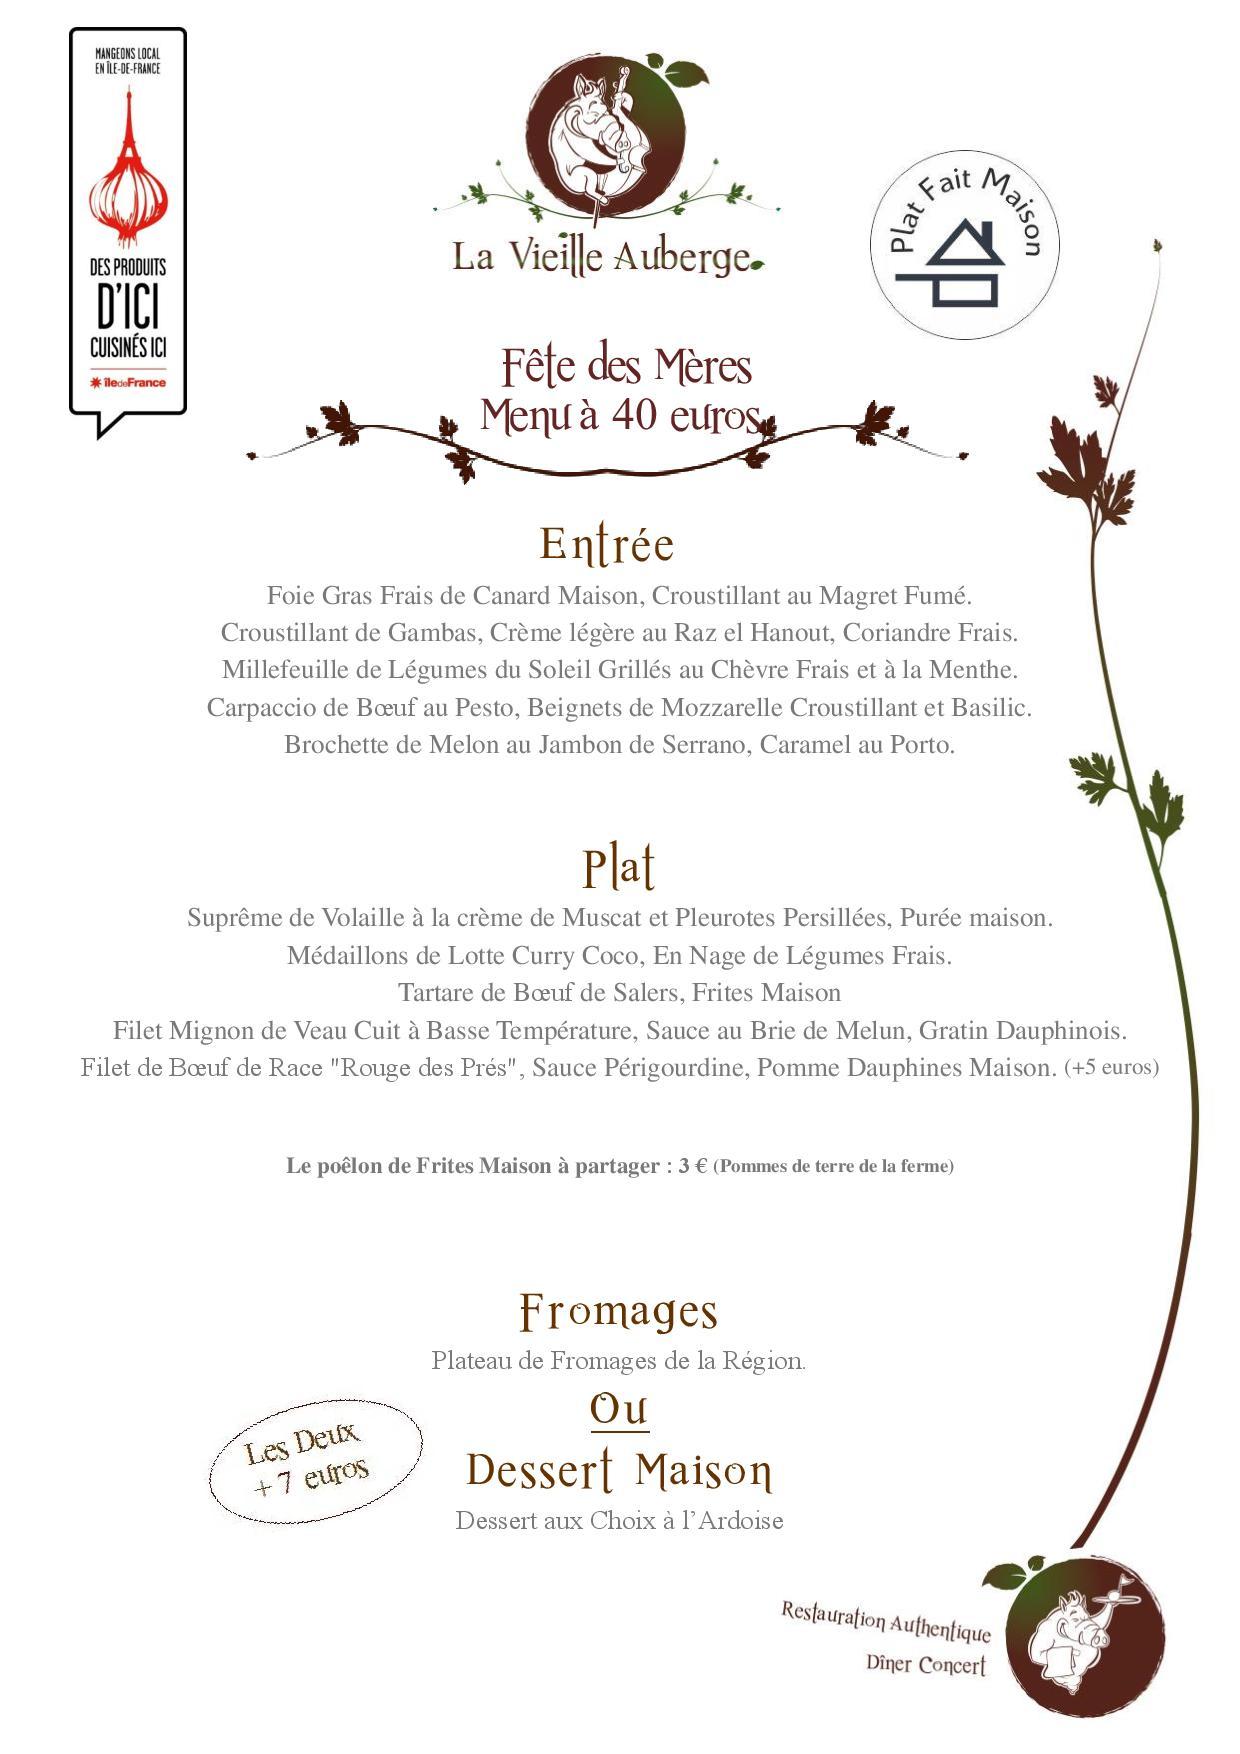 Restaurant fontainebleau melun la vieille auberge for Auberge de crisenoy melun